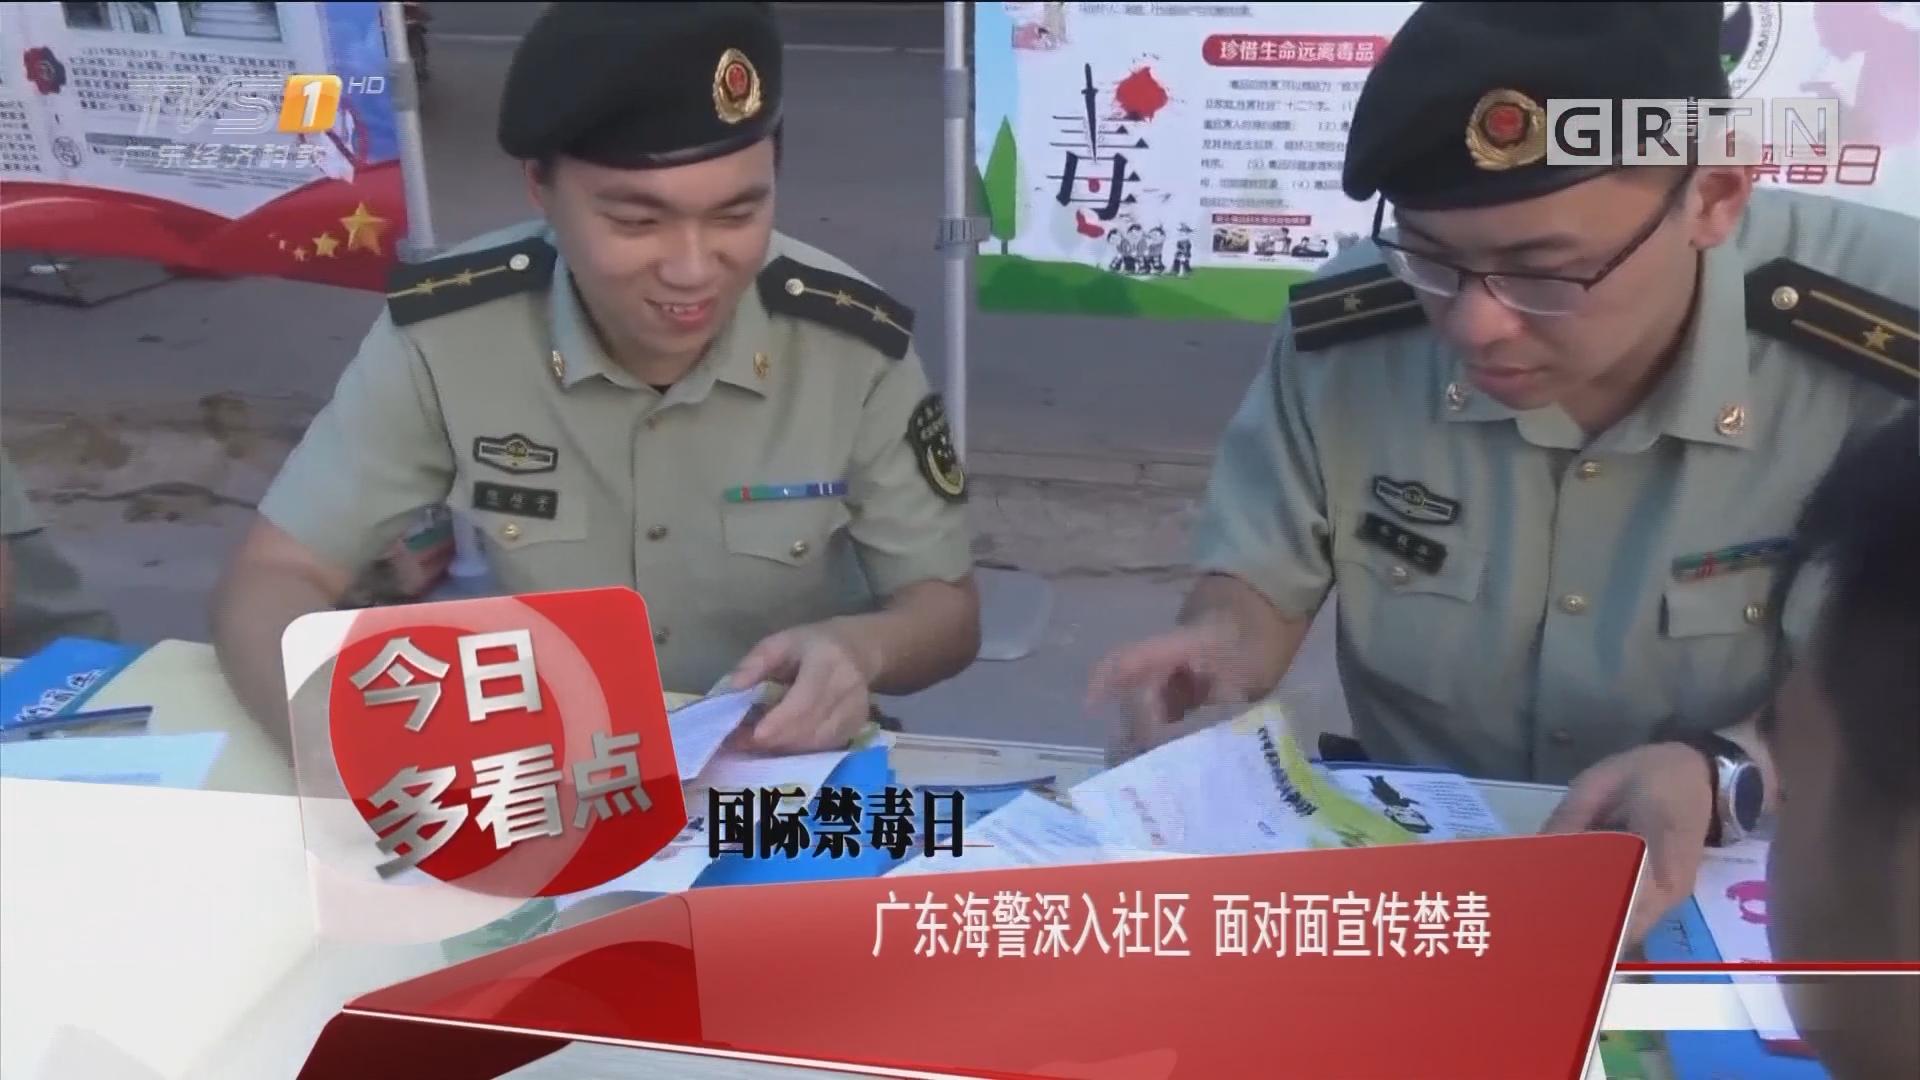 国际禁毒日:广东海警深入社区 面对面宣传禁毒